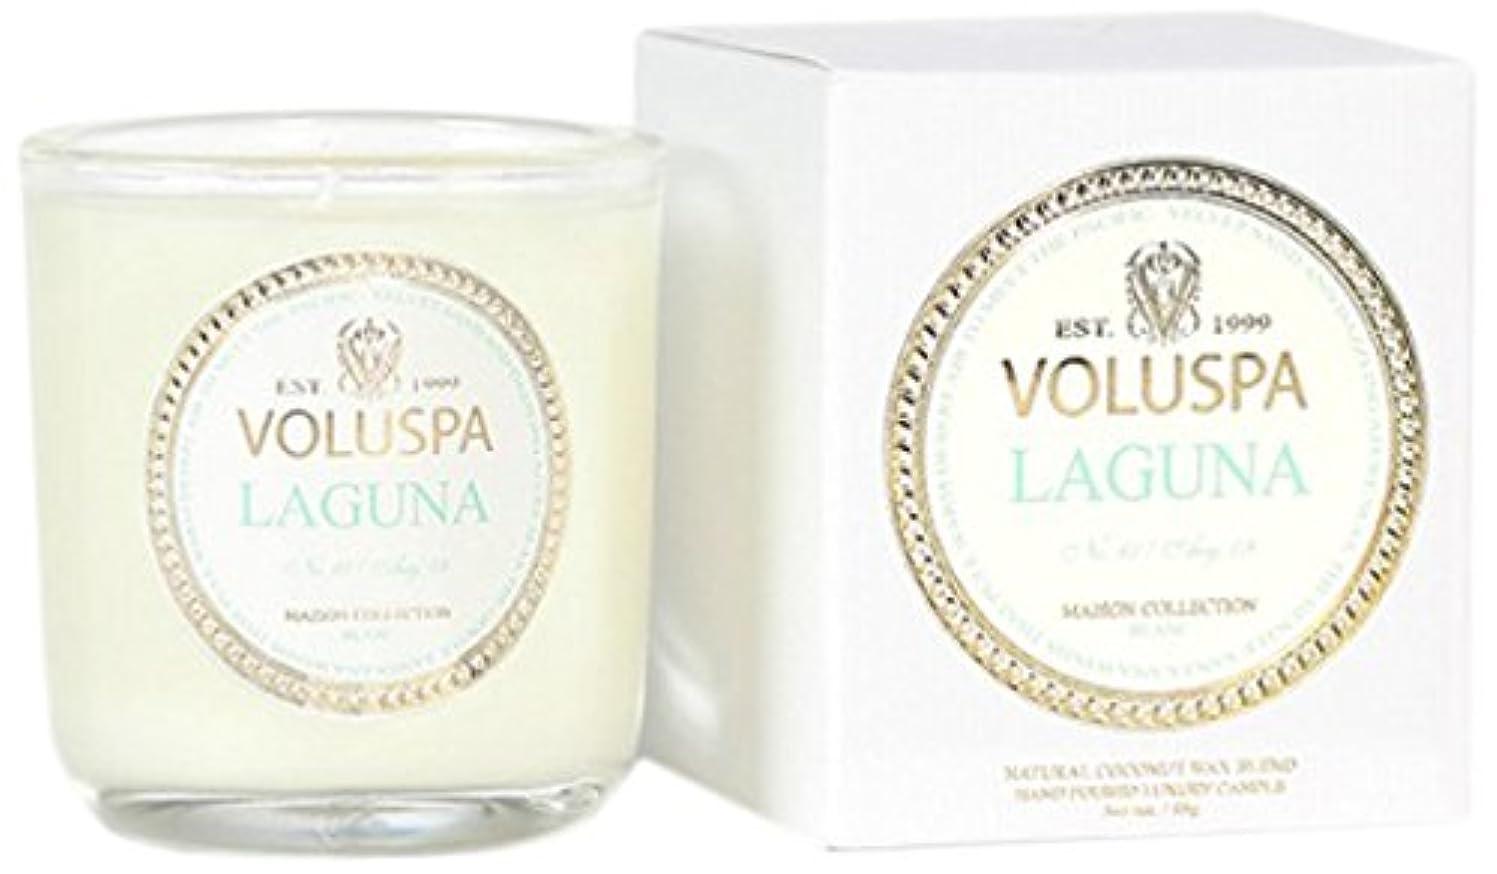 プログレッシブ思いつく不器用Voluspa ボルスパ メゾンブラン ミニグラスキャンドル ラグナ MAISON BLANC Mini Glass Candle LAGUNA